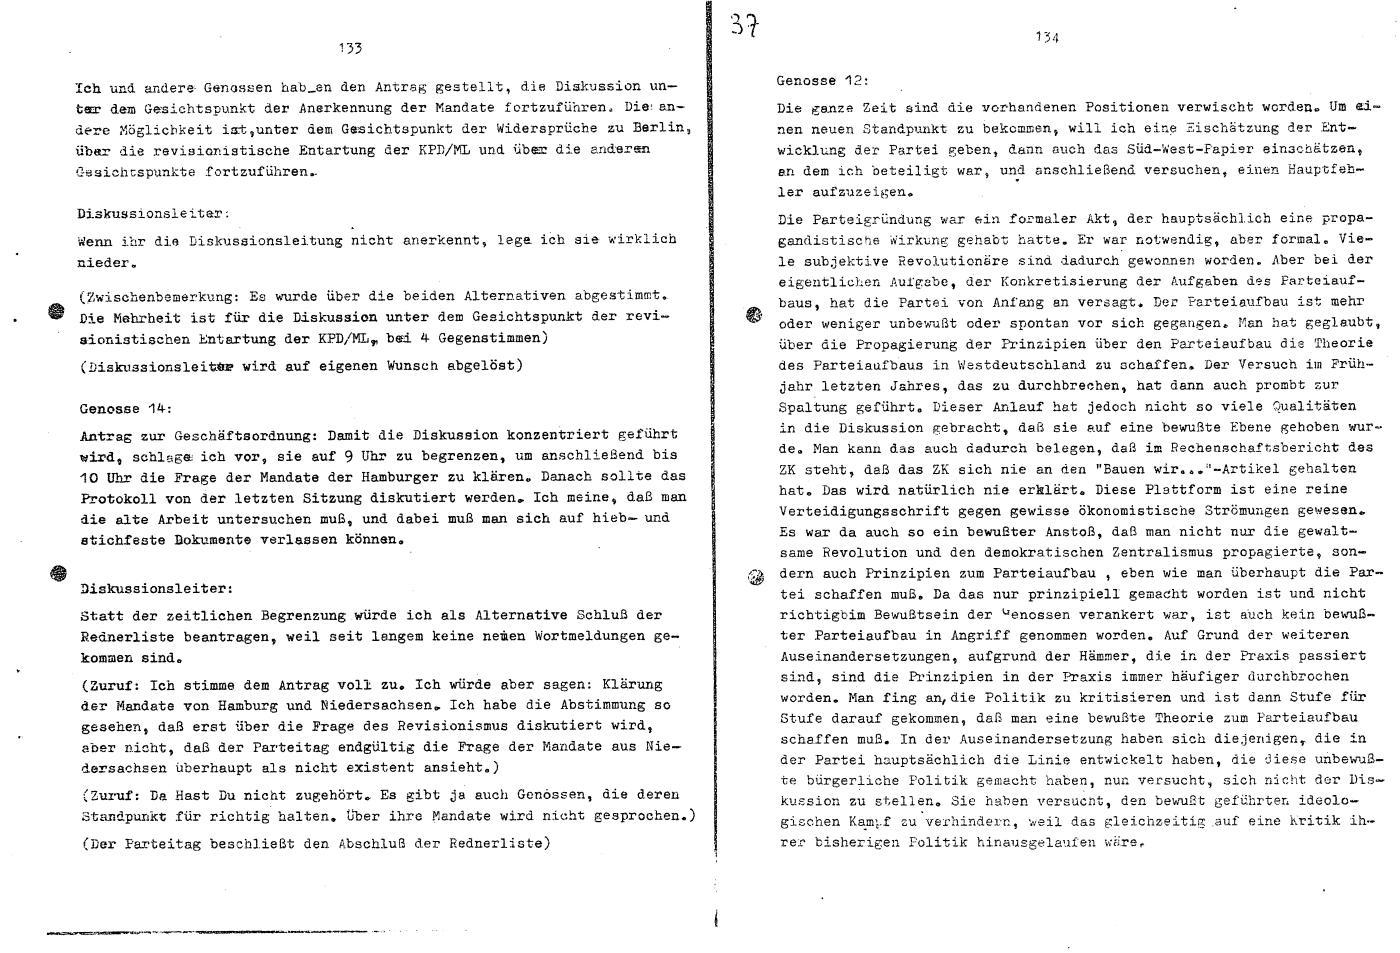 KPDML_1971_Wortprotokolle_aoPt_121